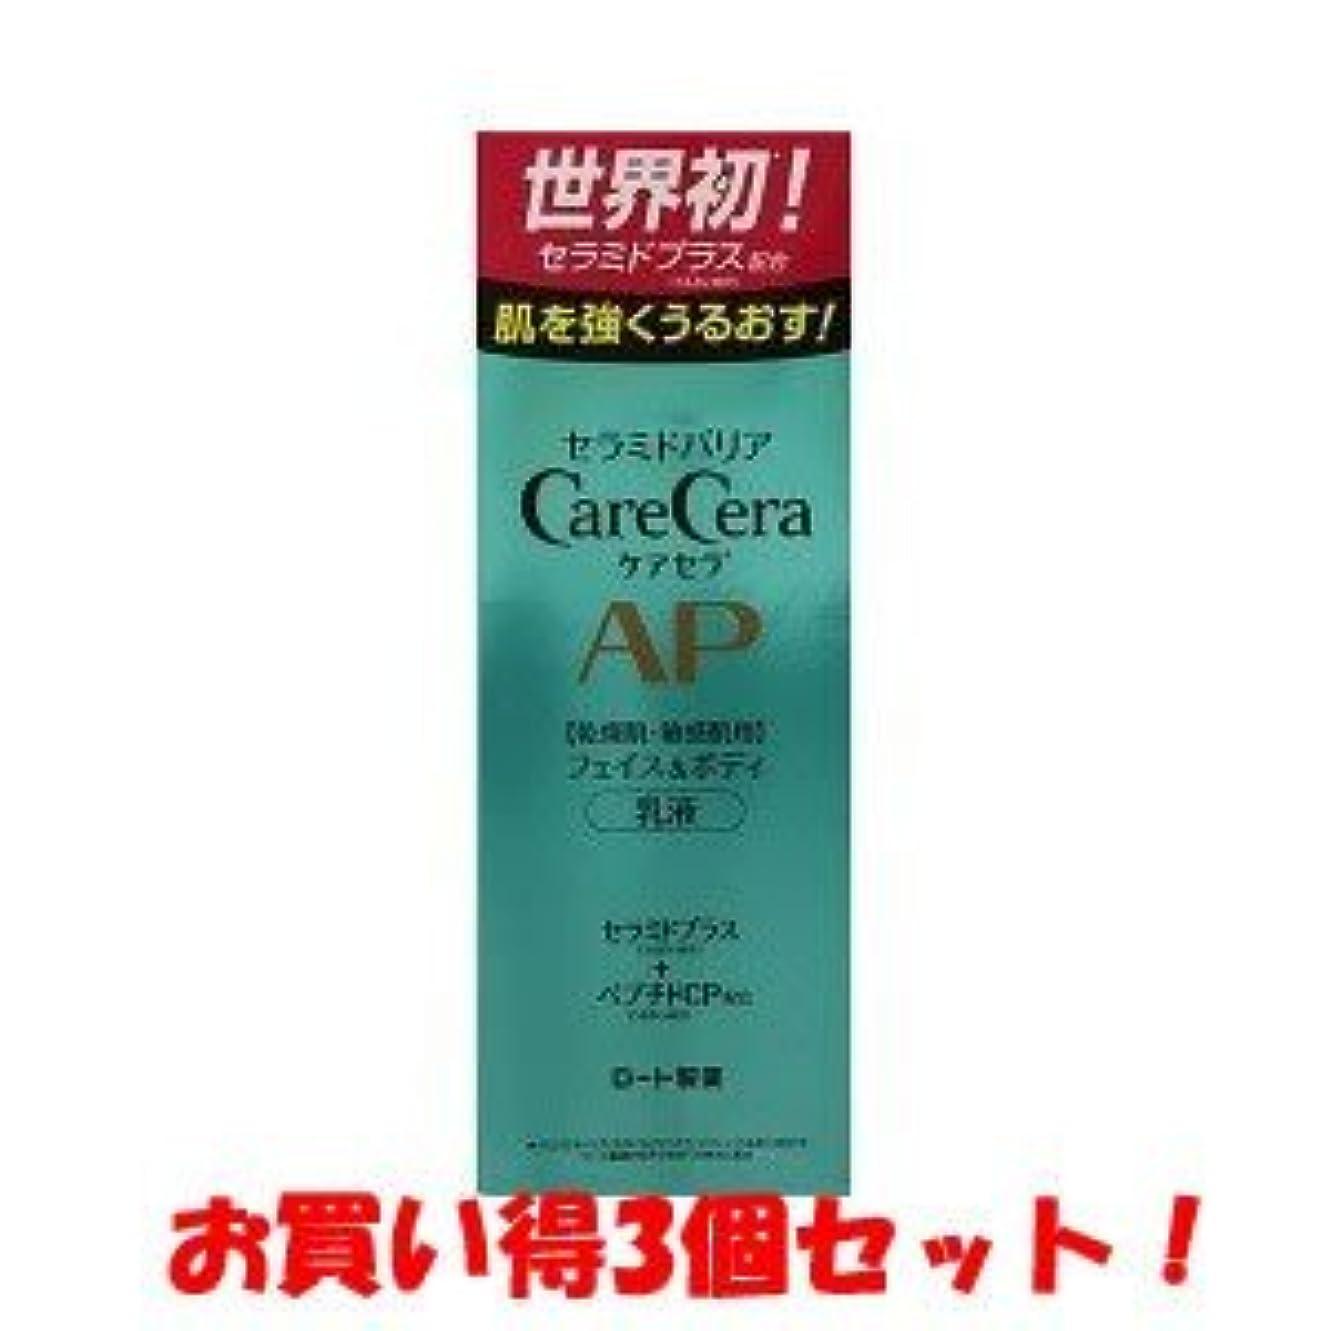 祝福ラインナップ薄汚い(ロート製薬)ケアセラ APフェイス&ボディ乳液 200ml(お買い得3個セット)